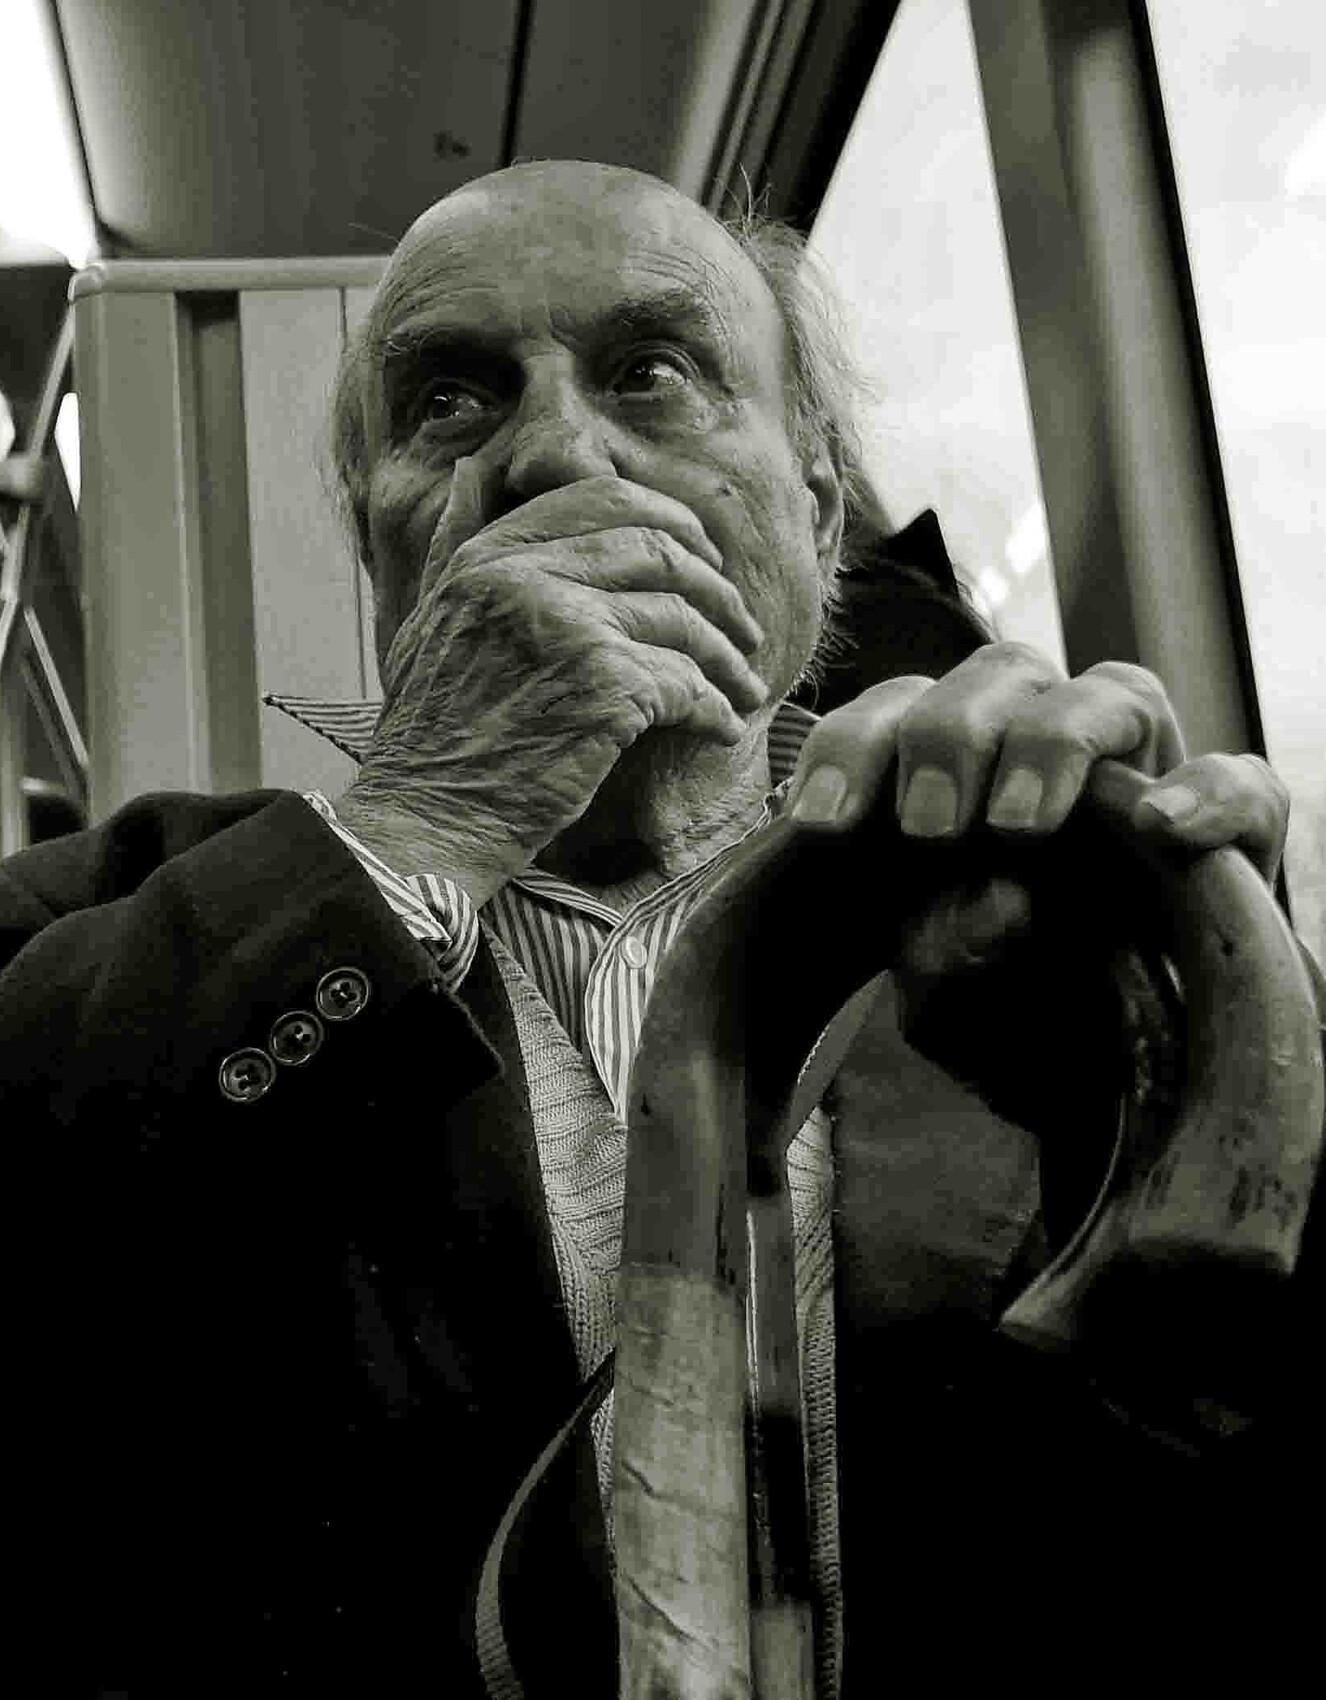 L'homme dans le bus - Le fichier 20€ - Tirages tous formats voir mon site sur mon profil